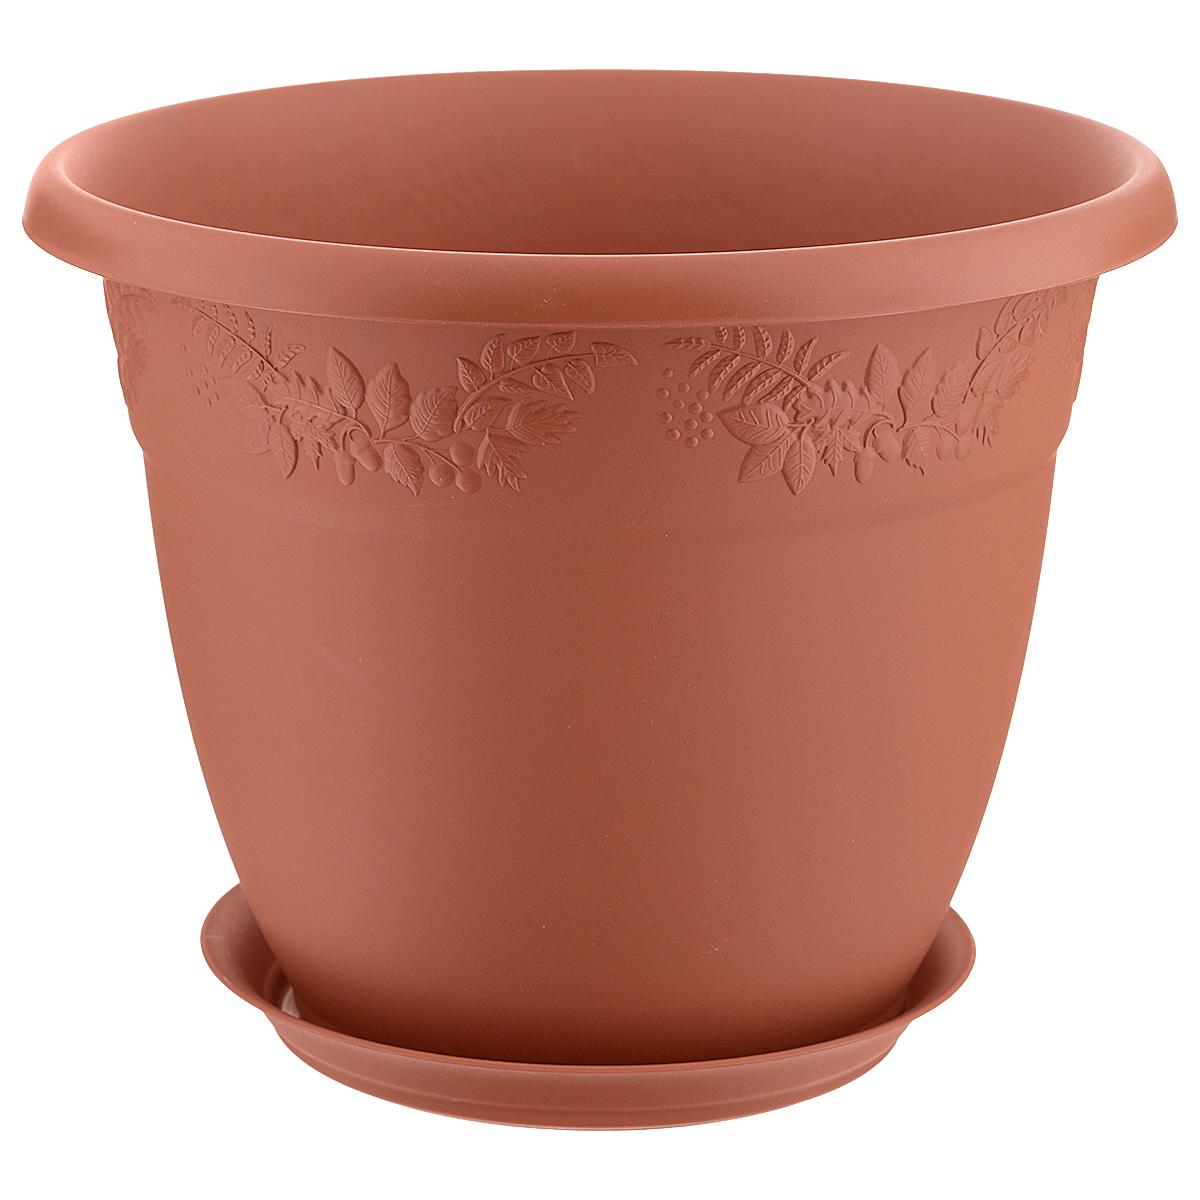 Кашпо Idea Рябина, с поддоном, цвет: терракотовый, 5 лМ 3056Кашпо Idea Рябина изготовлено из высококачественного полипропилена (пластика). Специальный поддон предназначен для стока воды. Изделие прекрасно подходит для выращивания растений и цветов в домашних условиях. Лаконичный дизайн впишется в интерьер любого помещения. Диаметр поддона: 17,5 см. Объем кашпо: 5 л.Диаметр кашпо по верхнему краю: 25 см.Высота кашпо: 20 см.